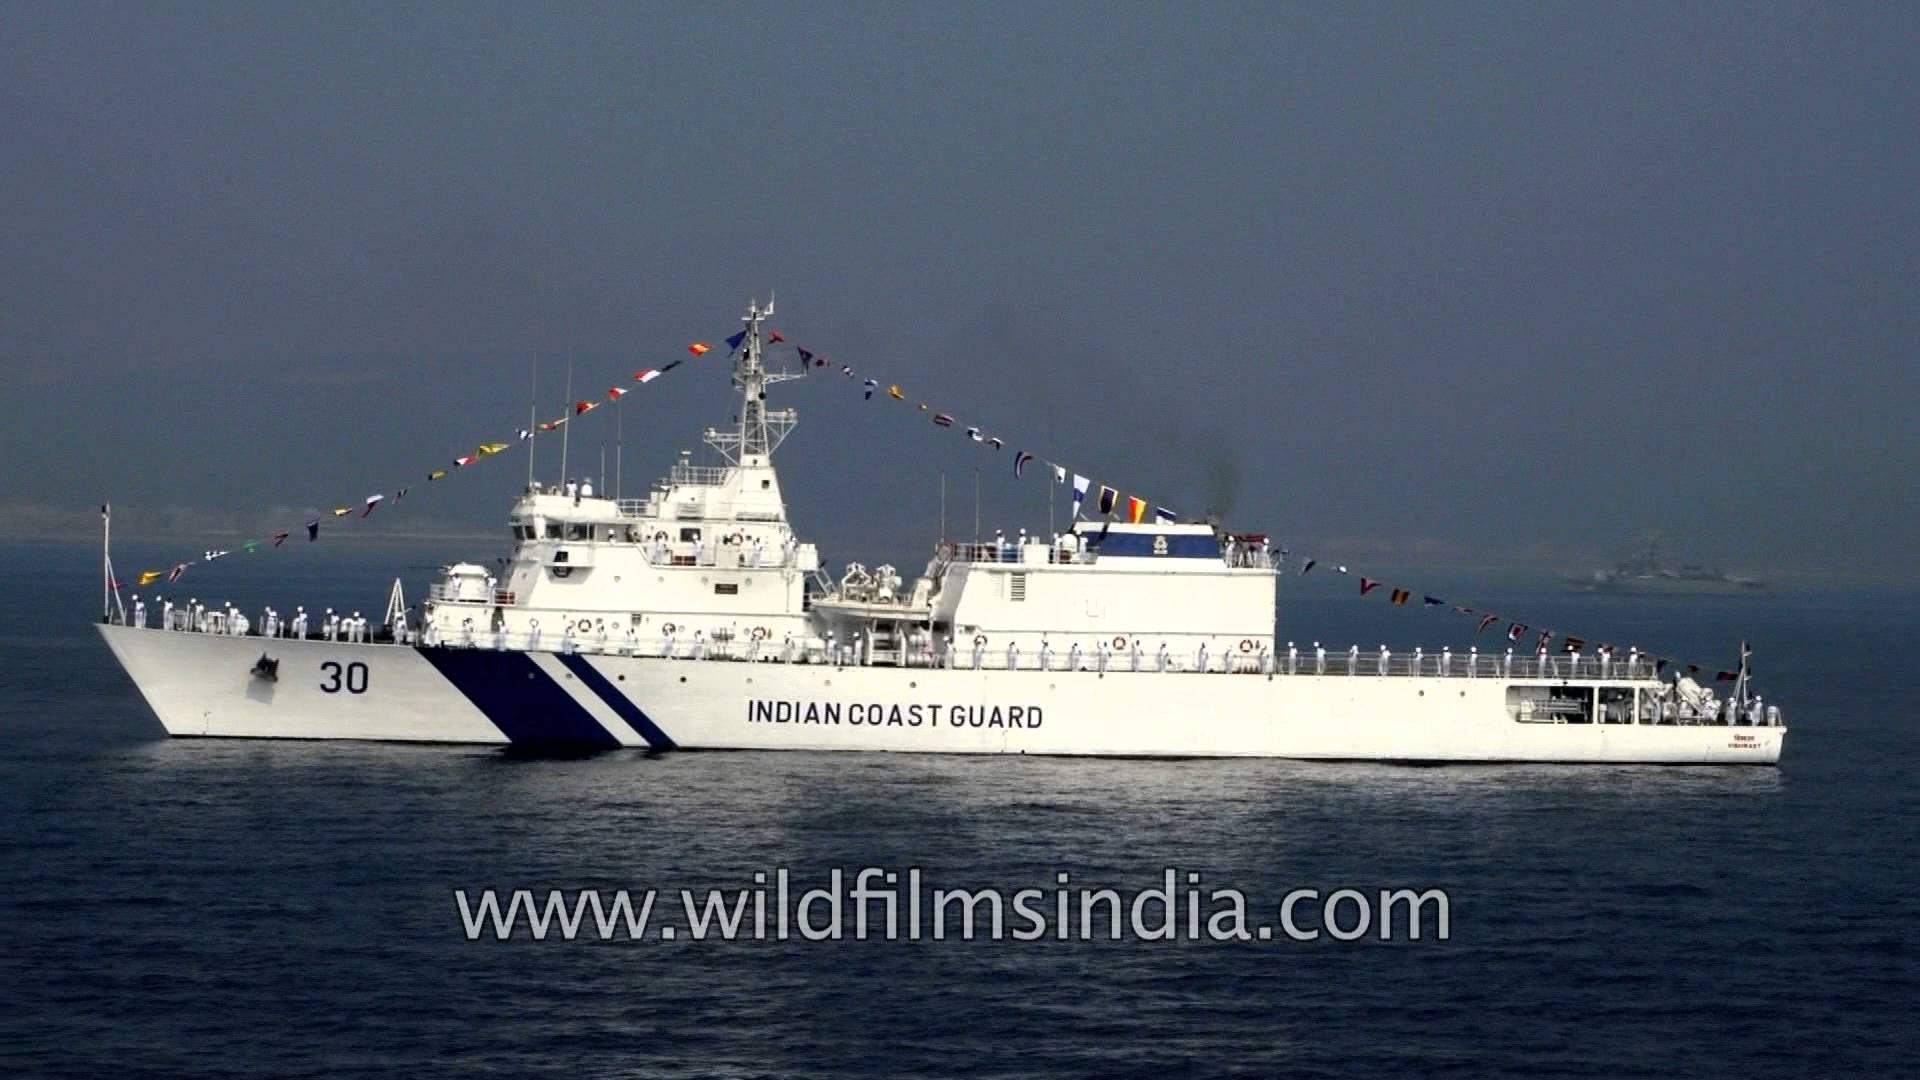 Coast guard ship photo